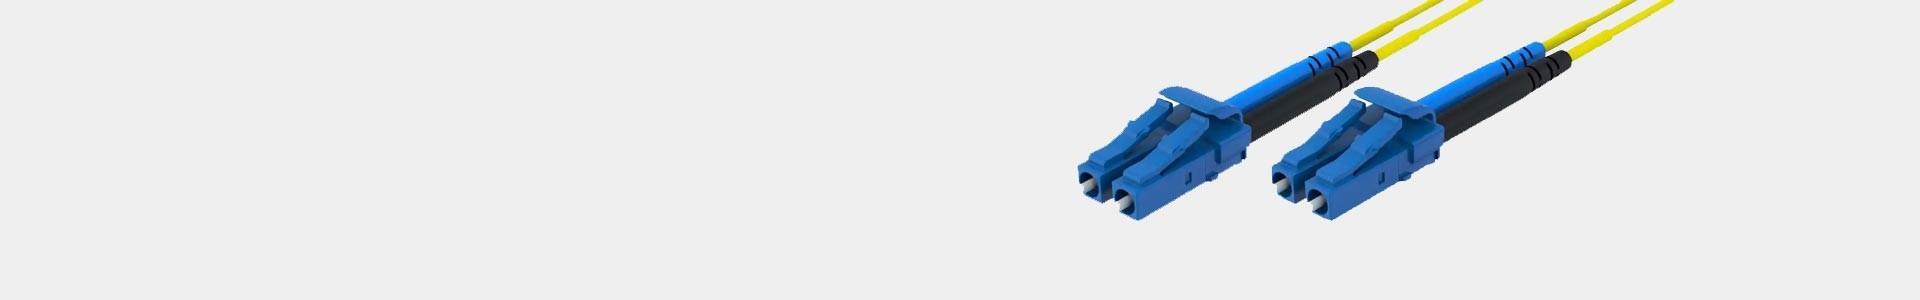 Cavi in fibra ottica con il connettore necessario in Avacab